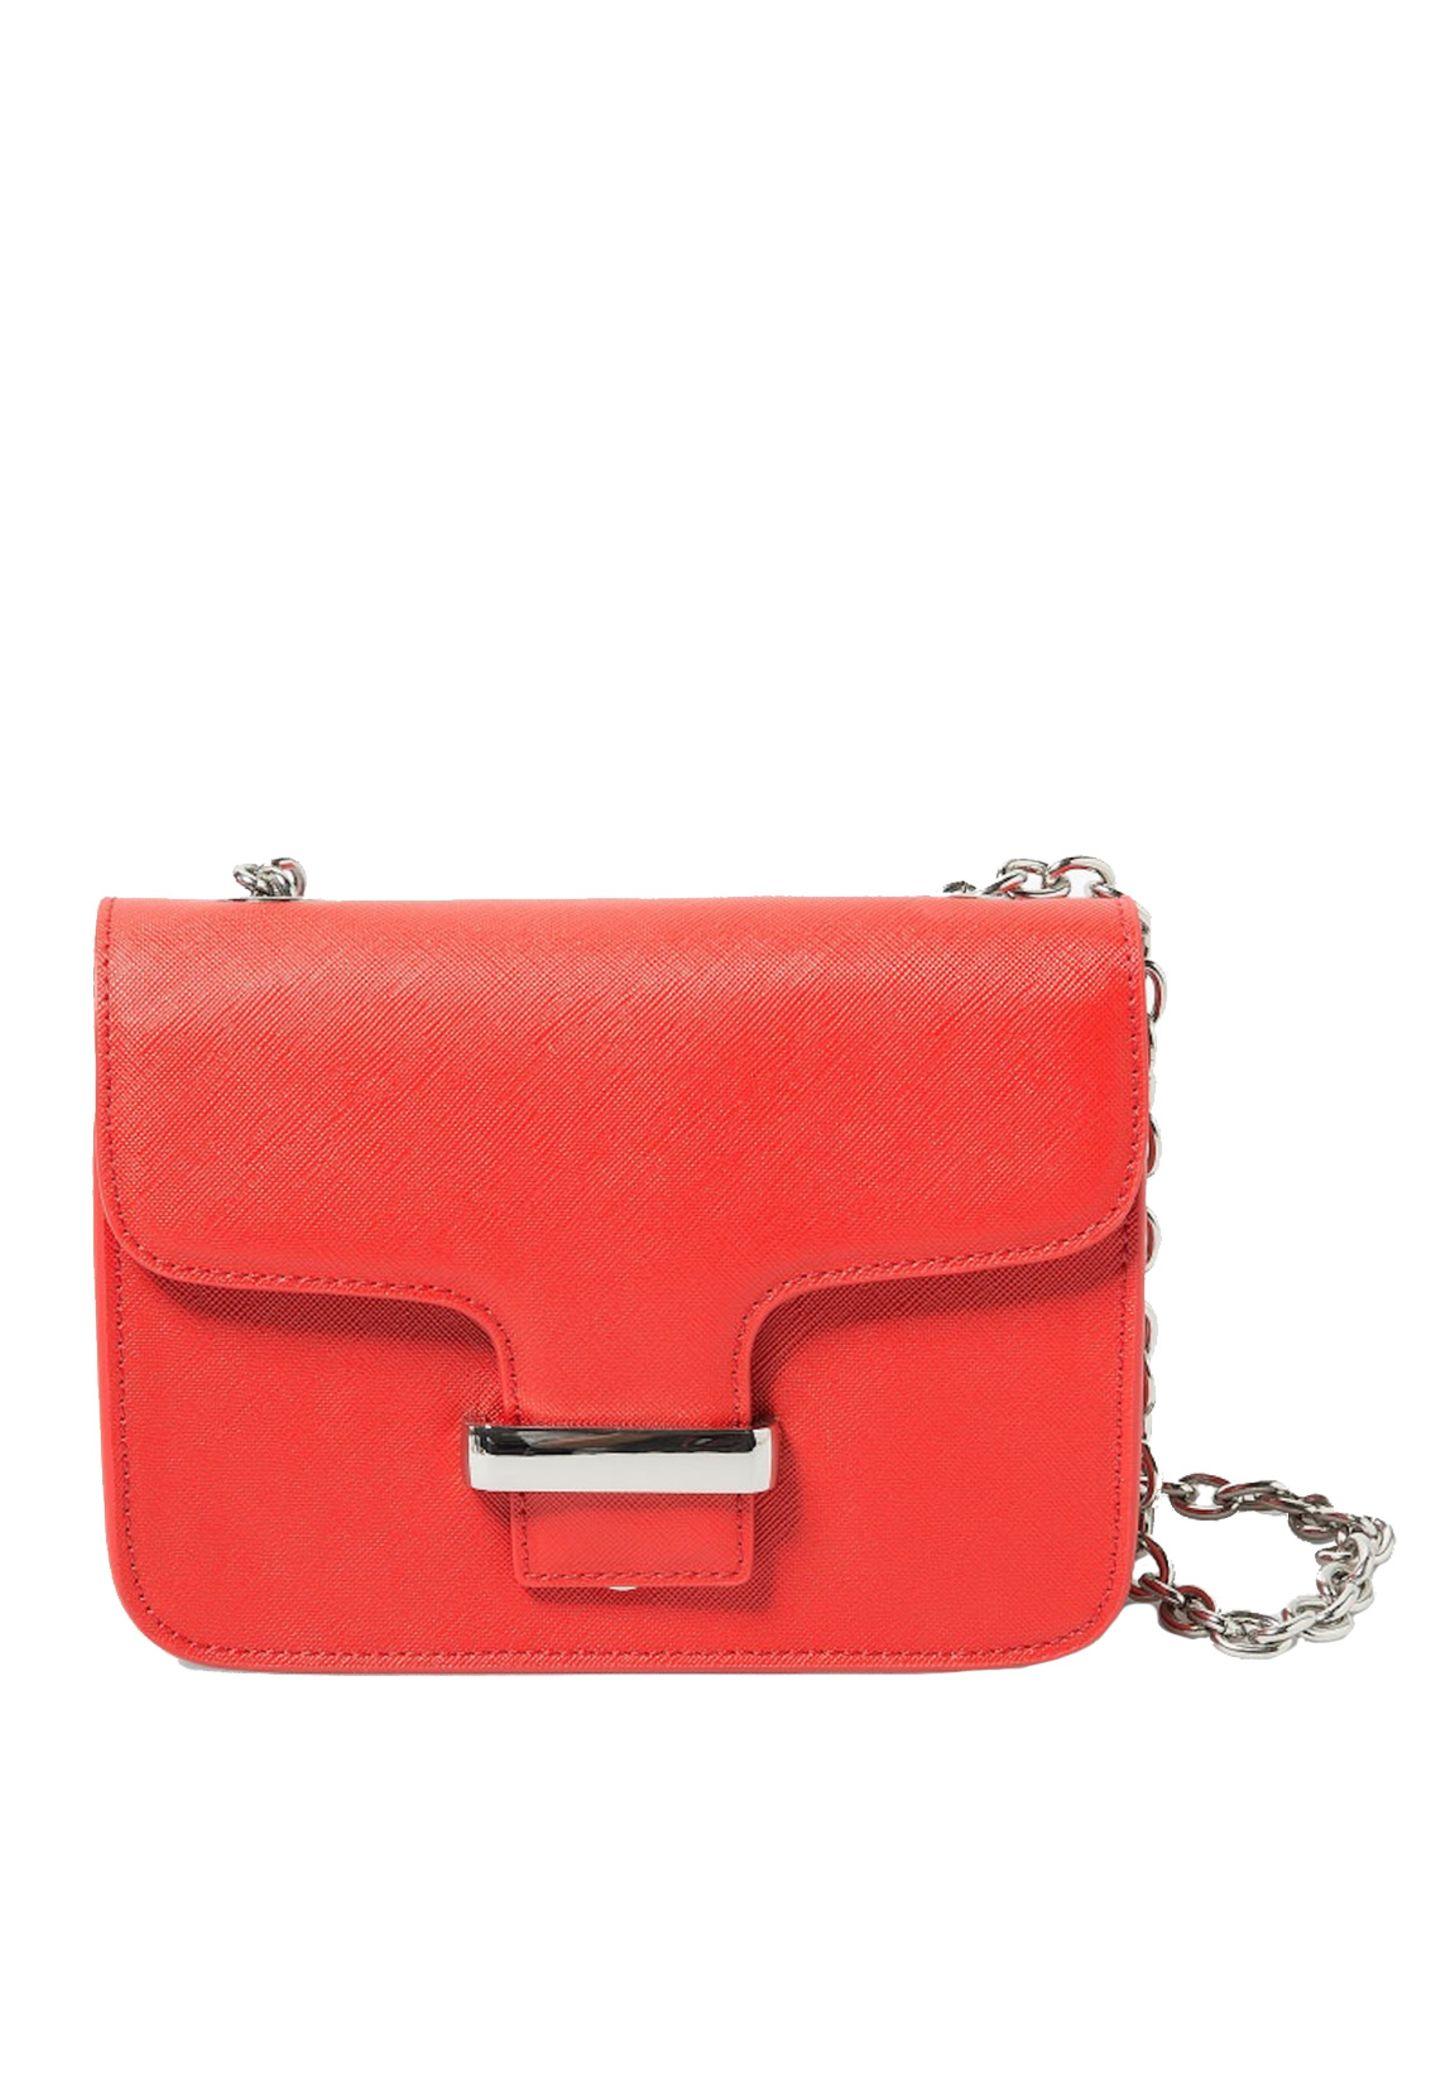 Blickfang-Garantie: Bag von Mango, ca. 20 Euro